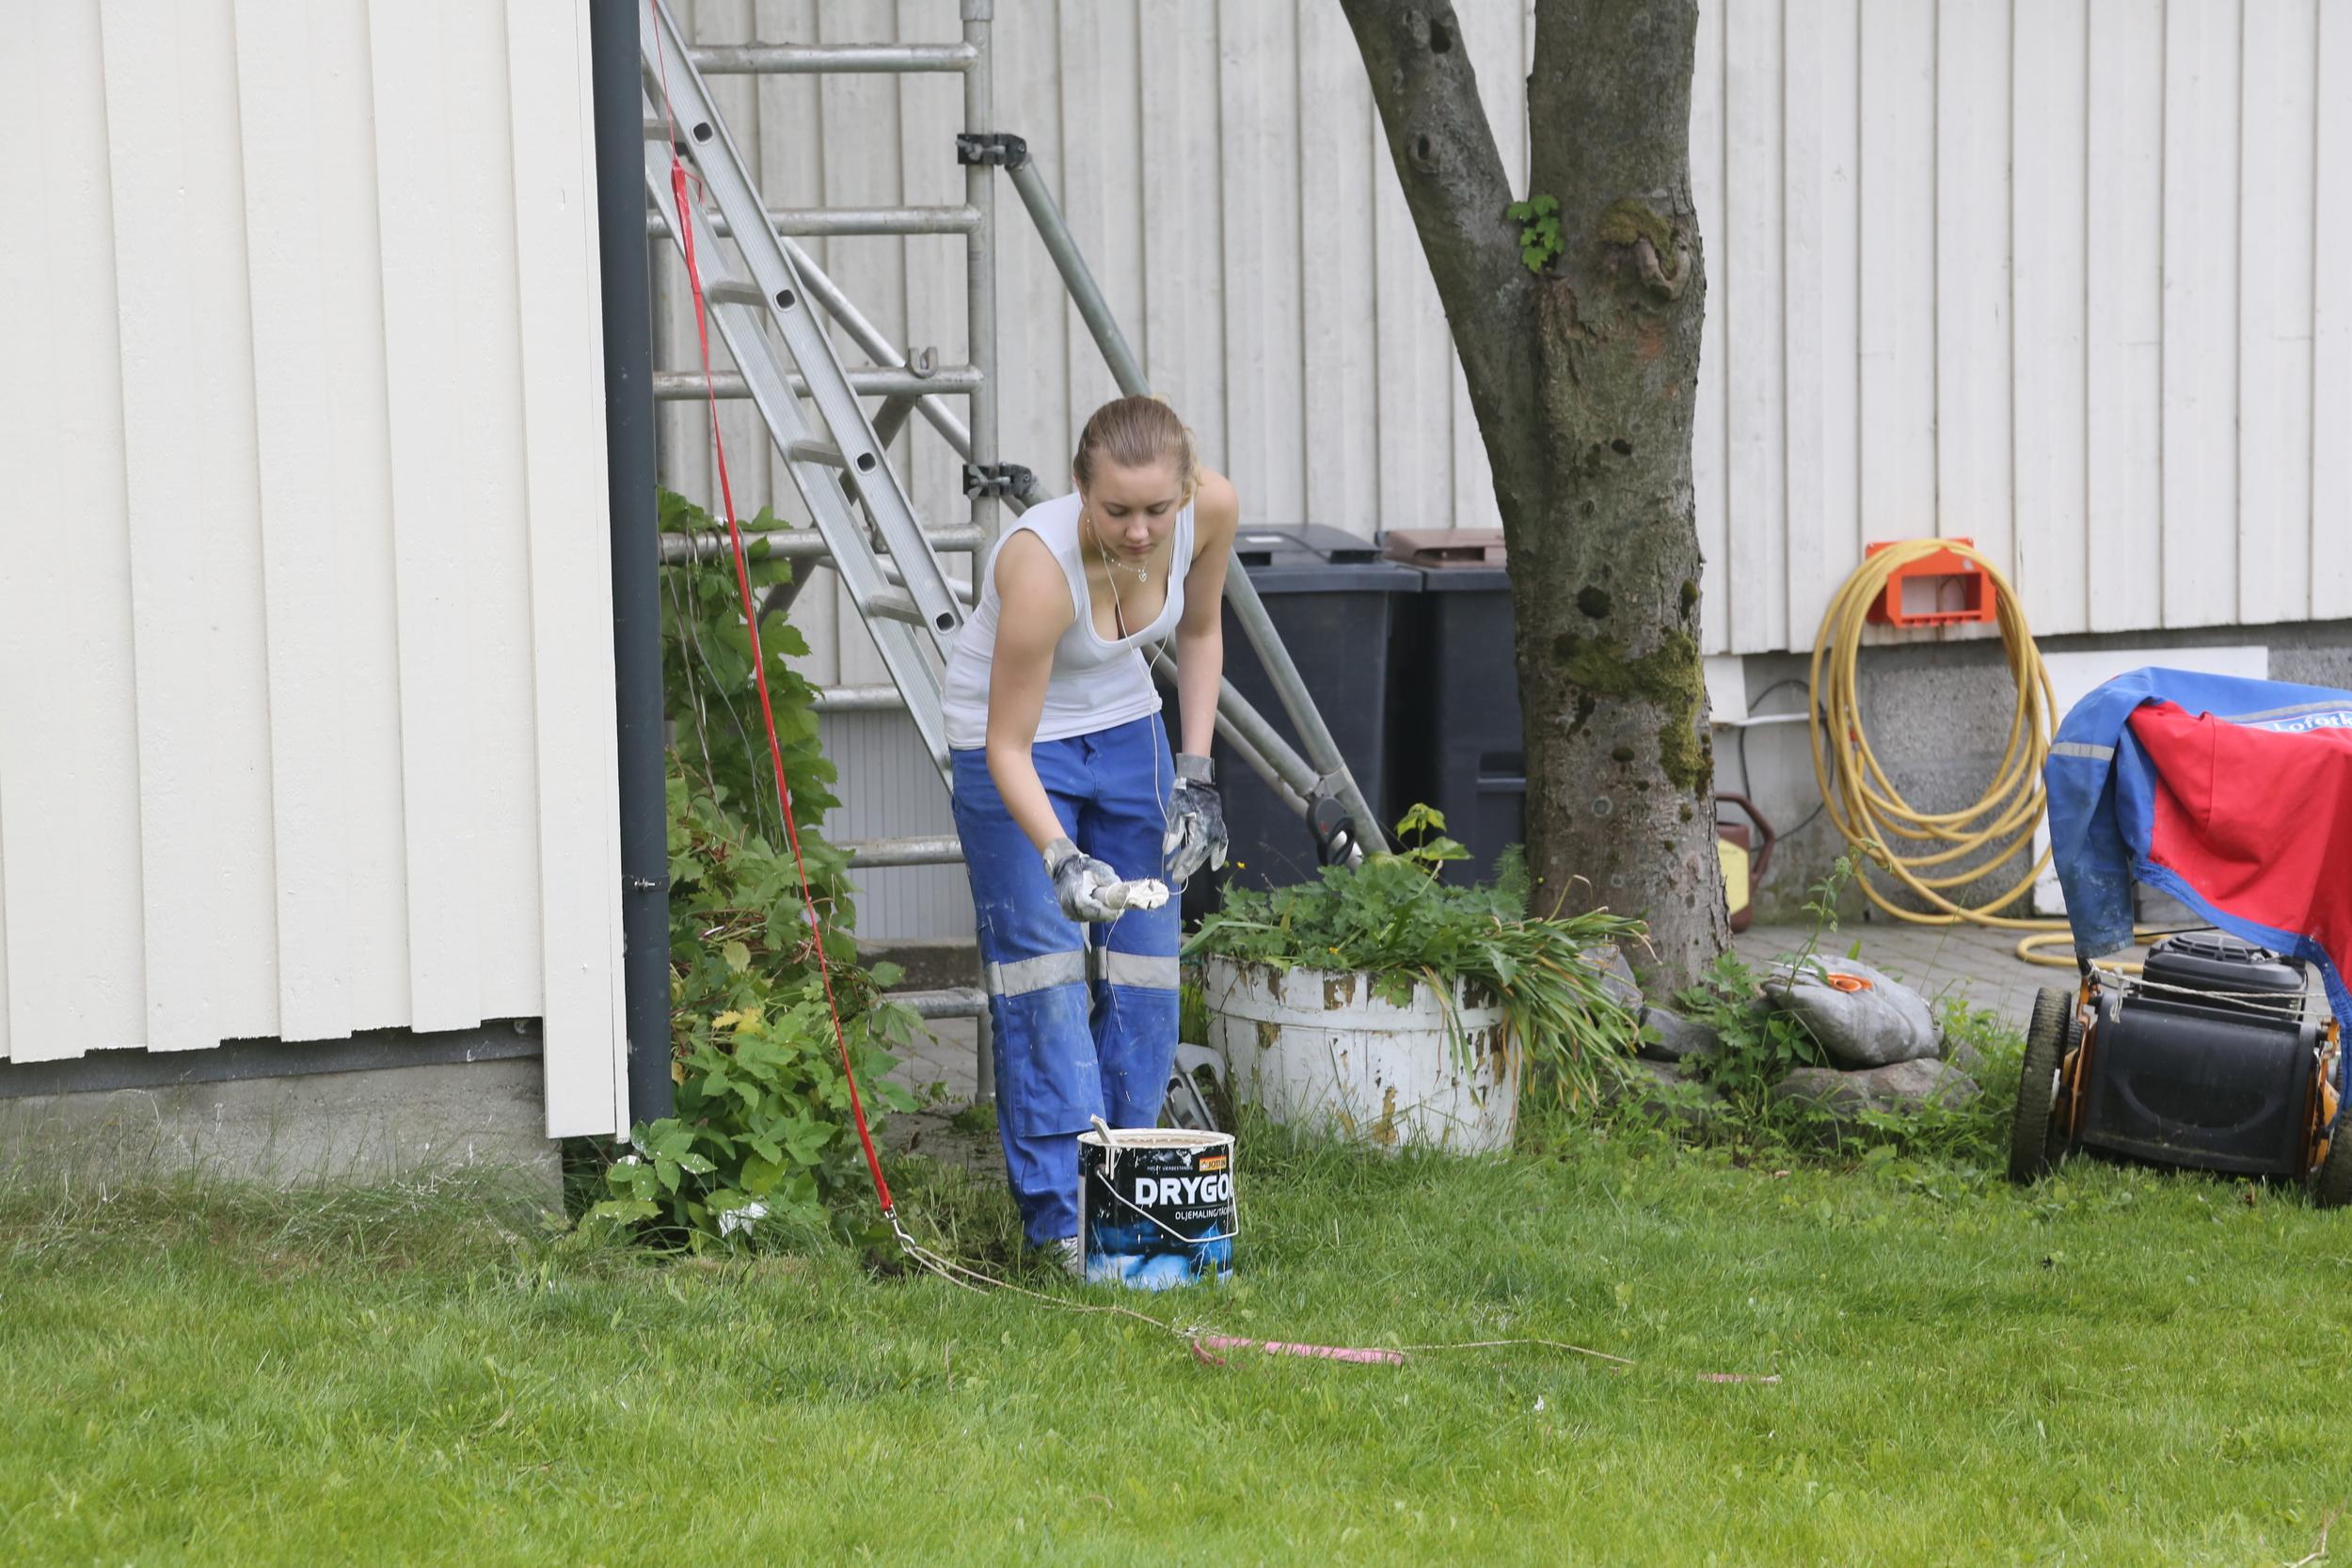 Regjeringen vil pusse opp norsk reiseliv. Det trenges mer enn et strøk maling. Foto: Odd Roar Lange